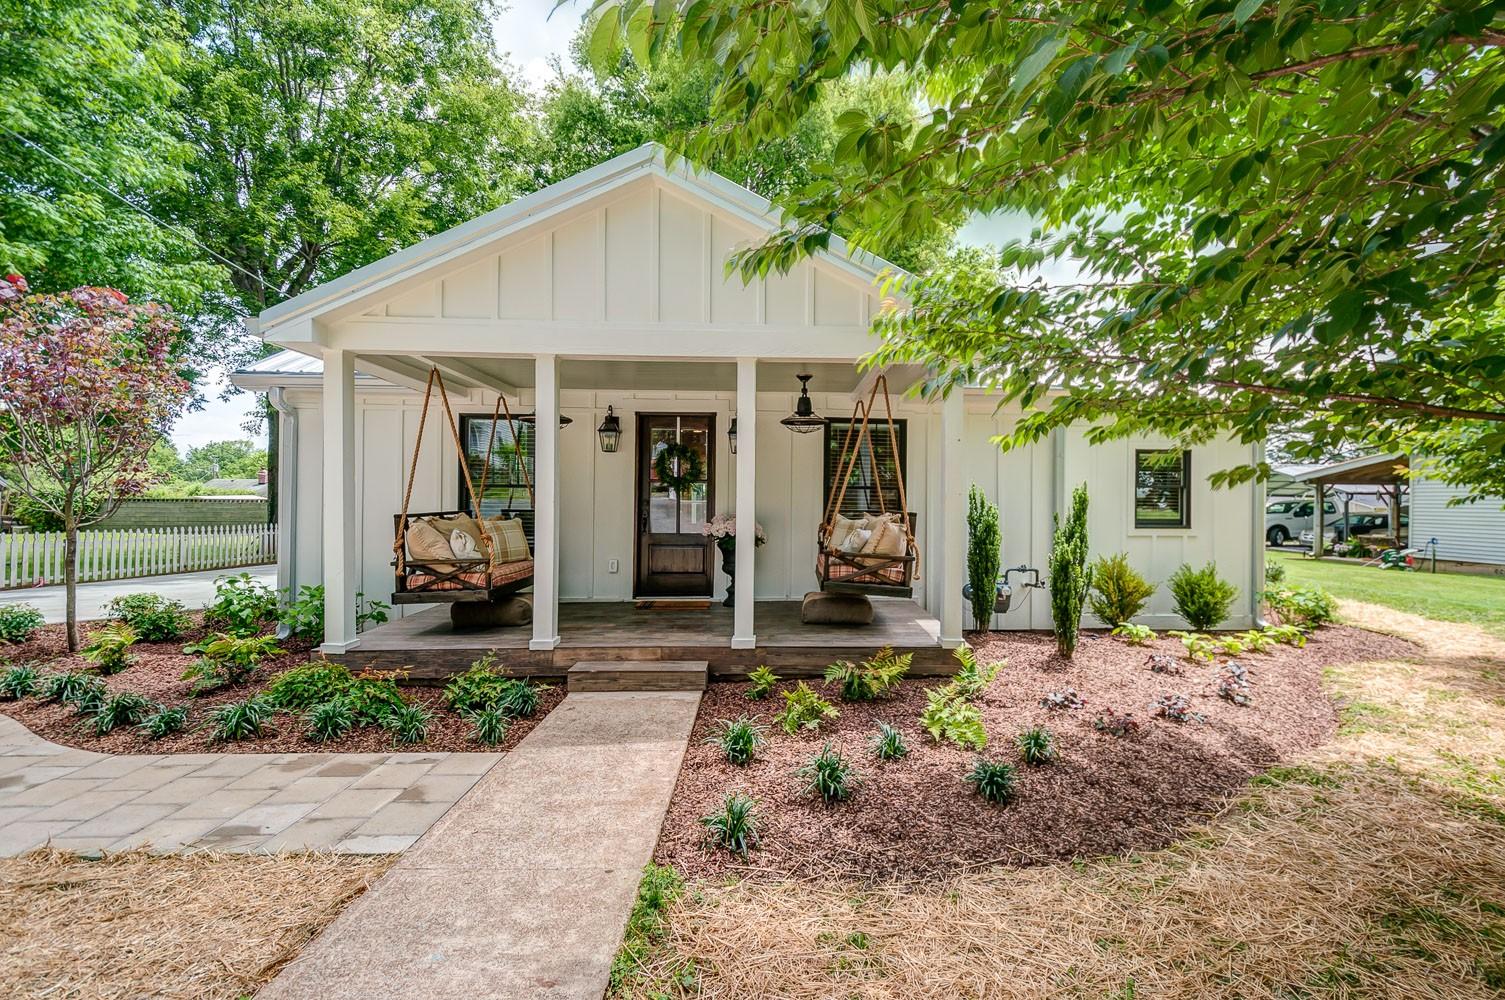 808 W End Cir, Franklin, TN 37064 - Franklin, TN real estate listing